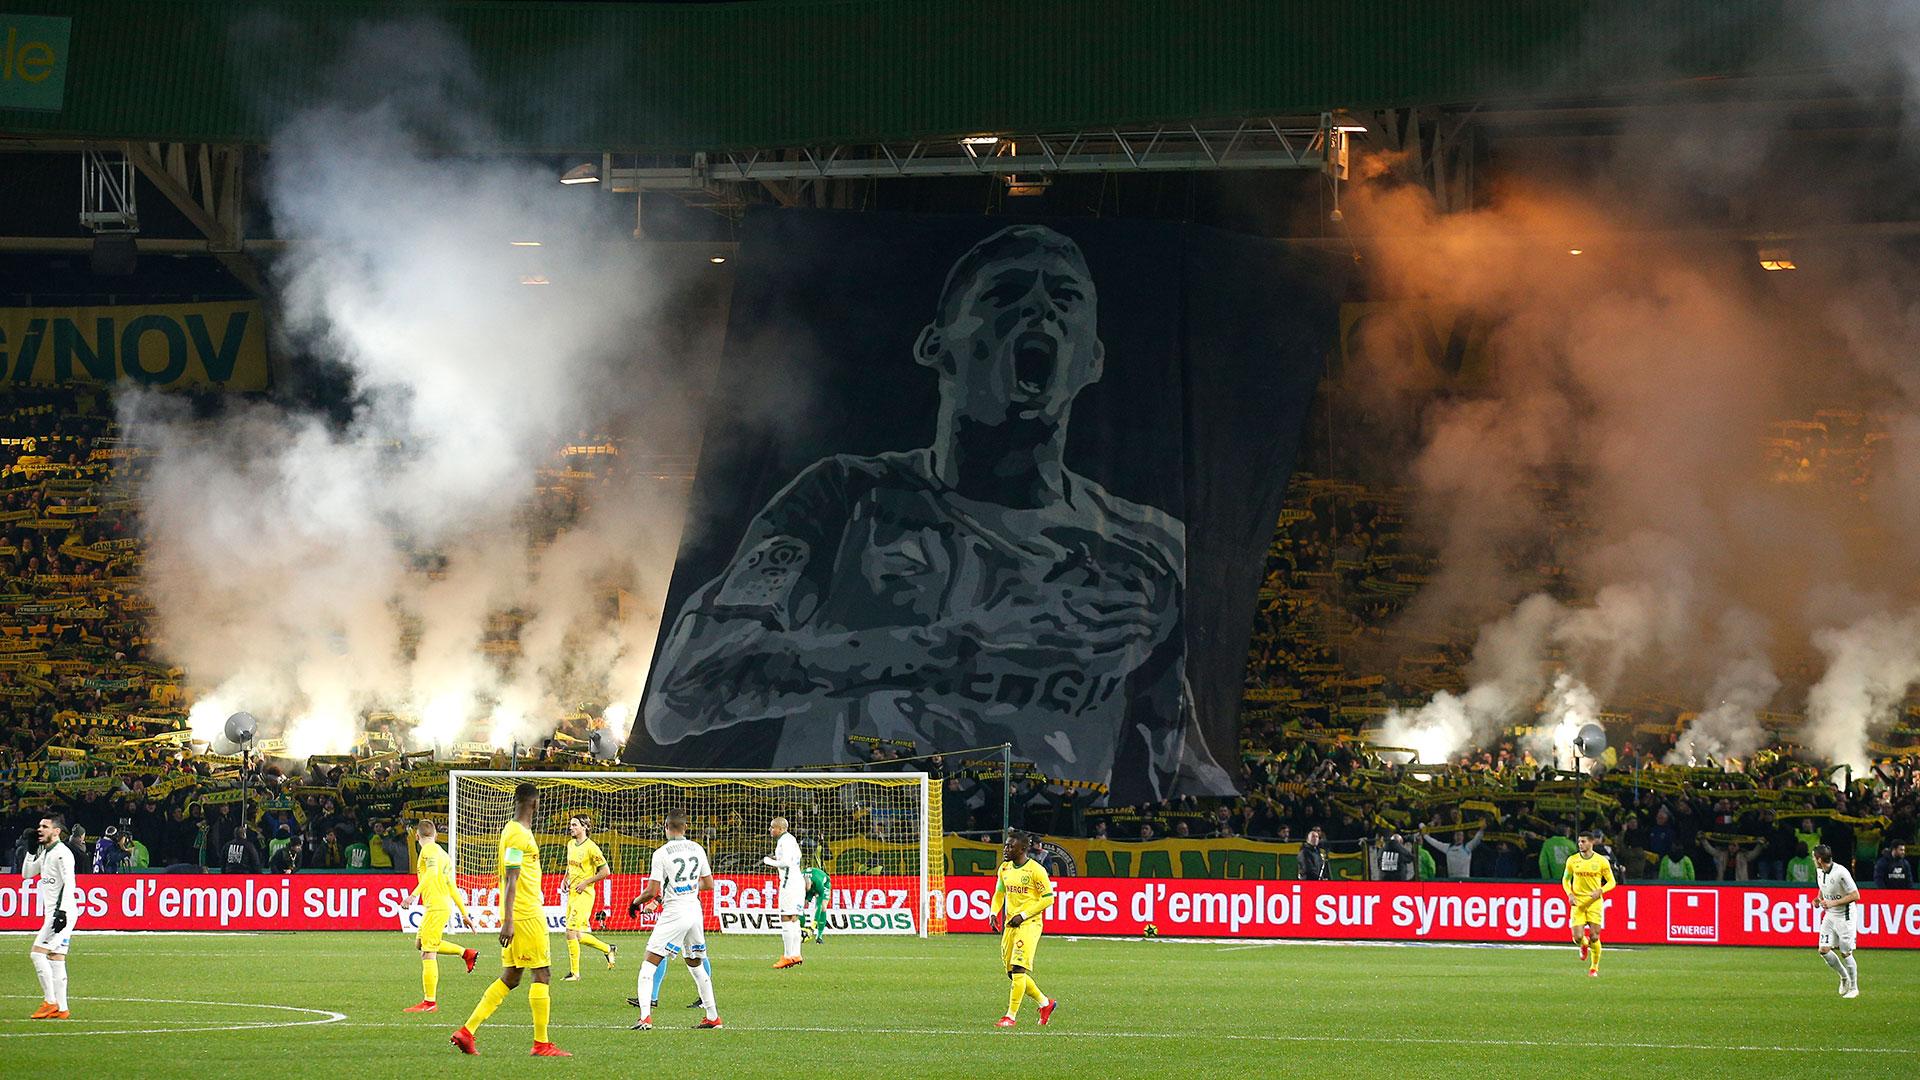 Este miércoles el Nantes jugó su primer partido tras la desaparición de Emiliano Sala